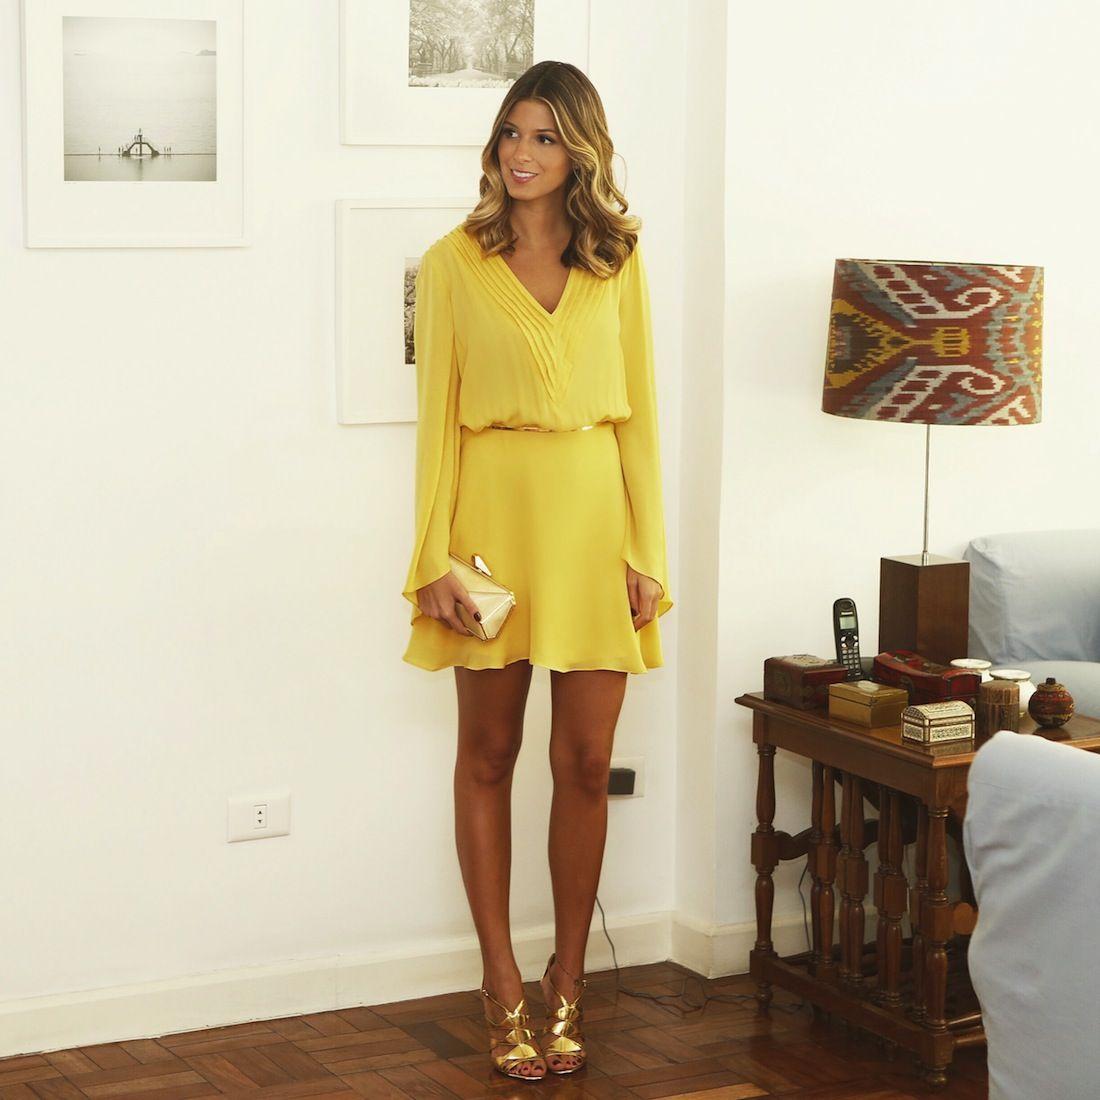 Fabuloso Guia do dress code: os looks ideais para cada ocasião - Dicas de  XT84